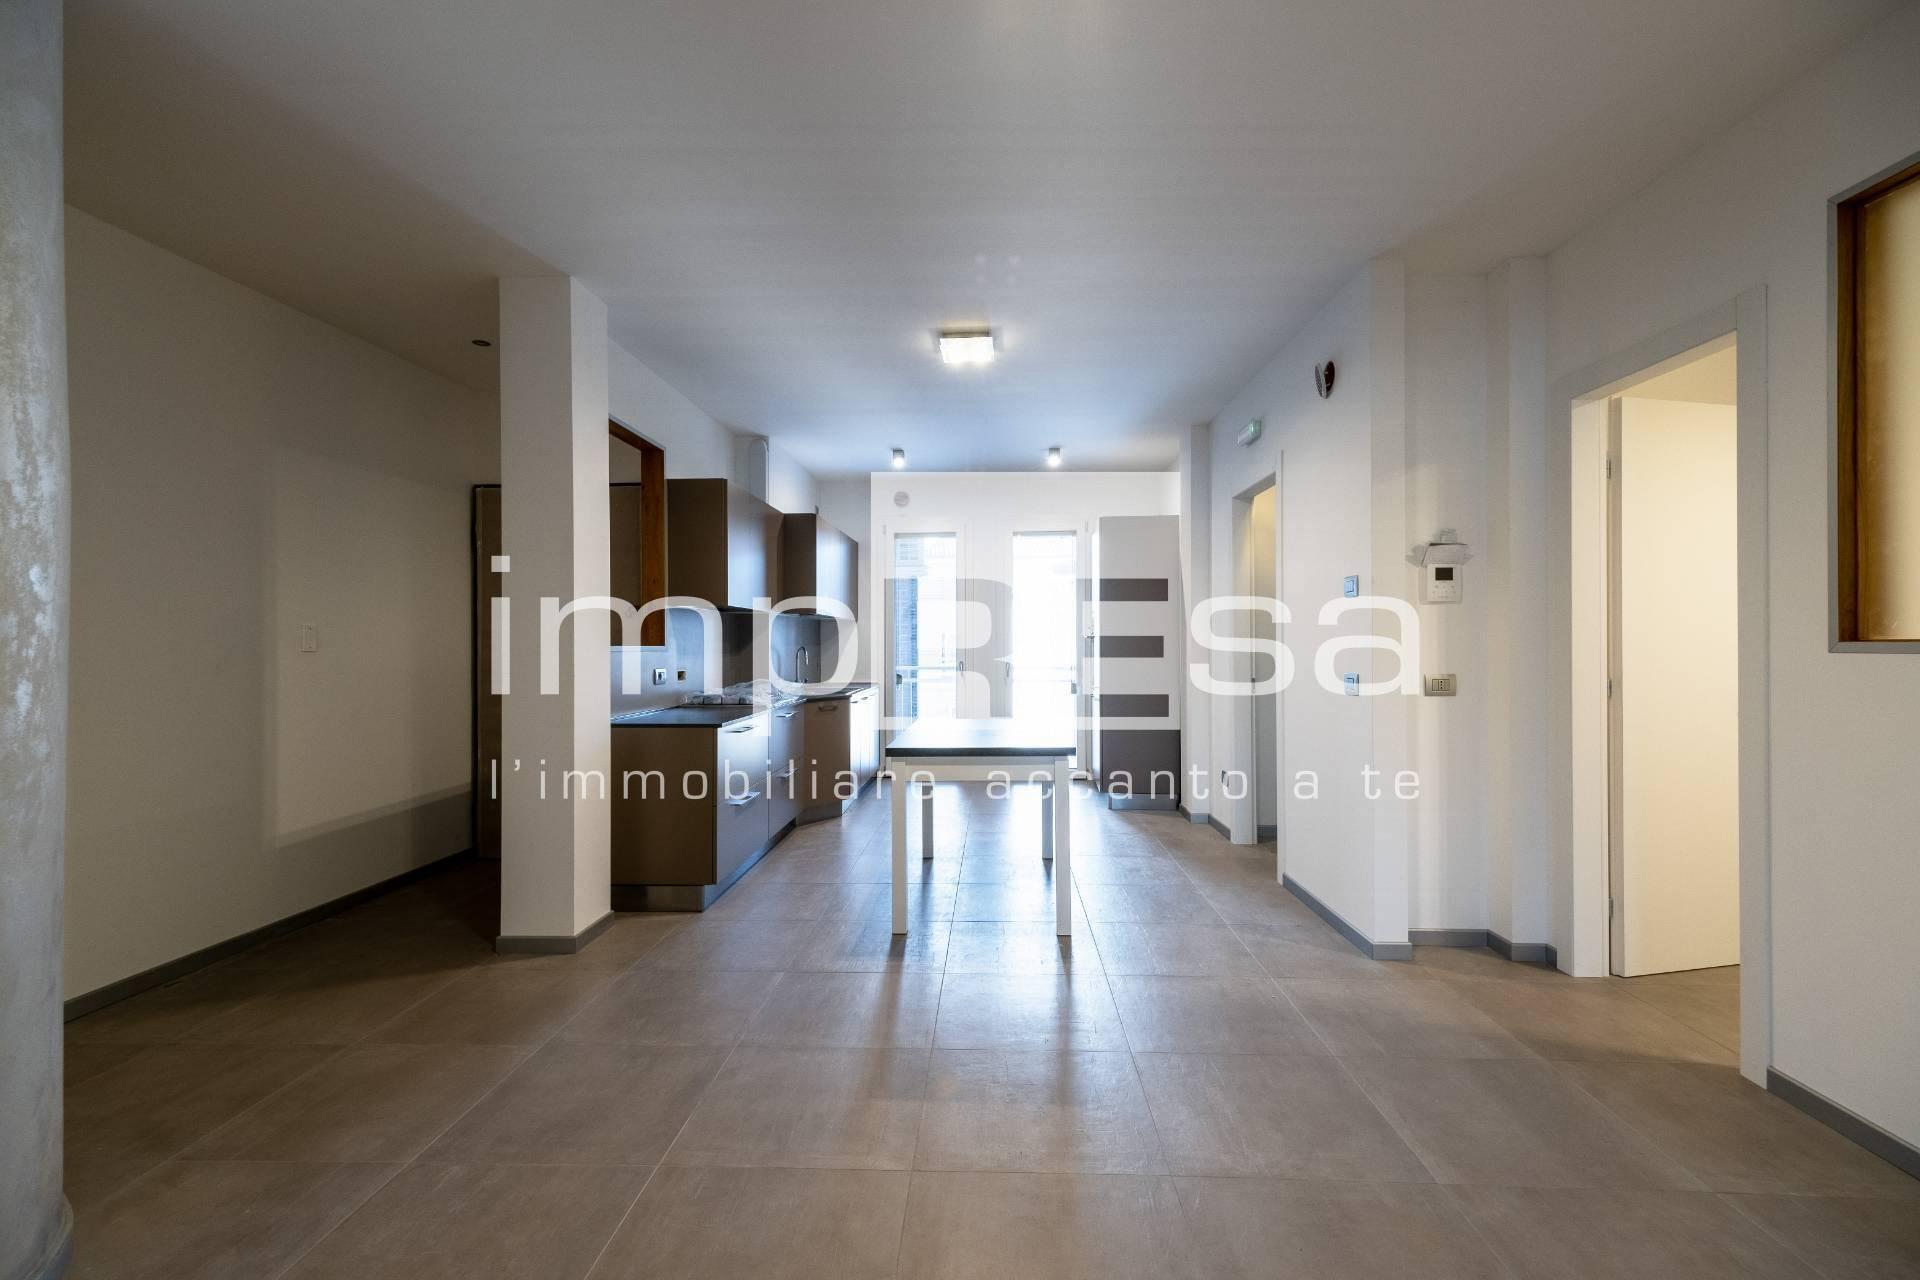 Appartamento in vendita a Preganziol, 7 locali, prezzo € 149.000 | CambioCasa.it